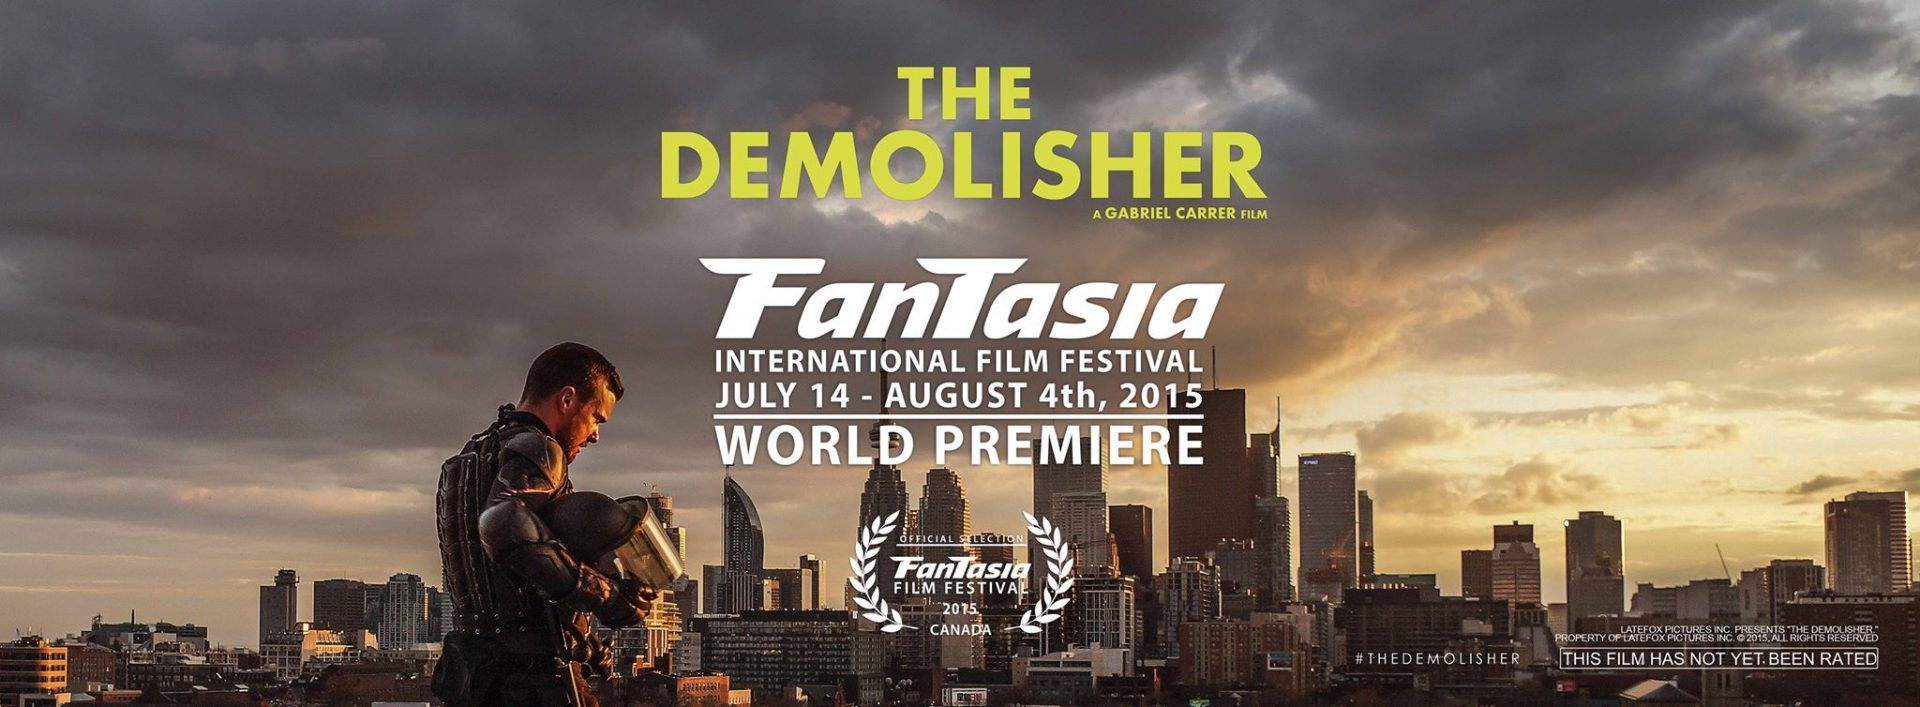 The Demolisher - World Premiere - Fanstasia Film Festival